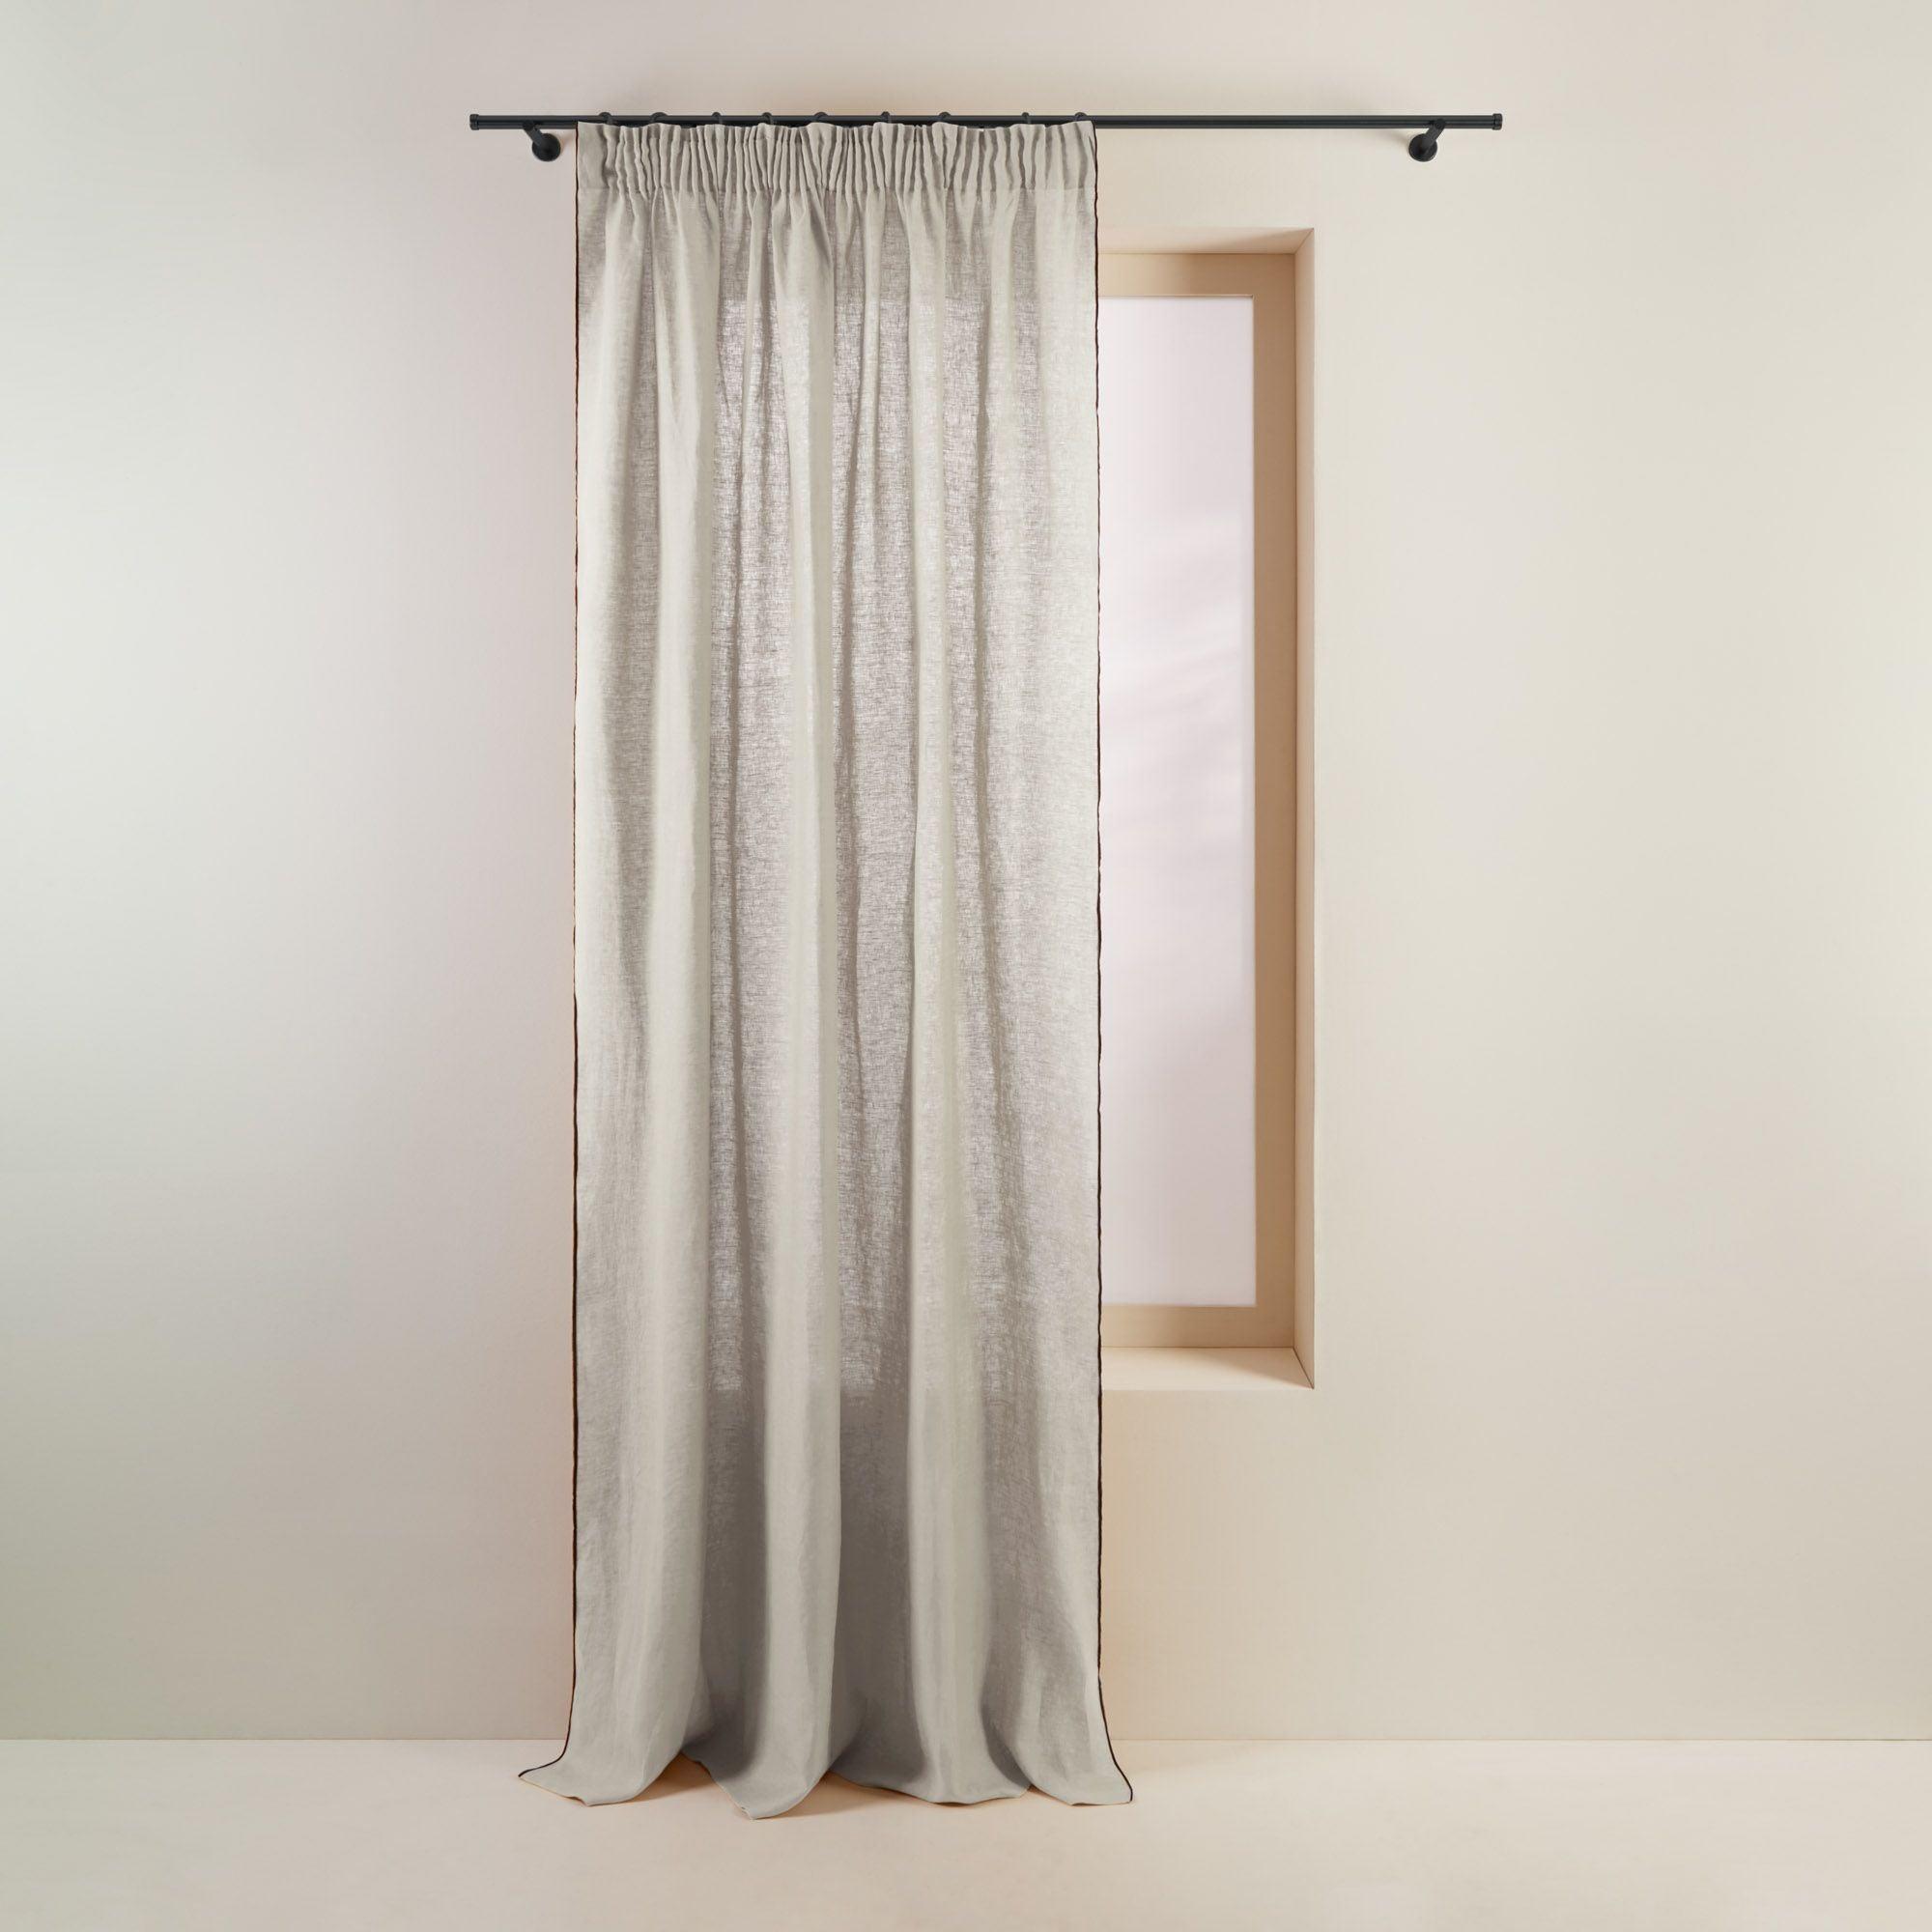 Rideau à ruban fronceur 200x280 cm Beige clair et bourdon noir en Lin